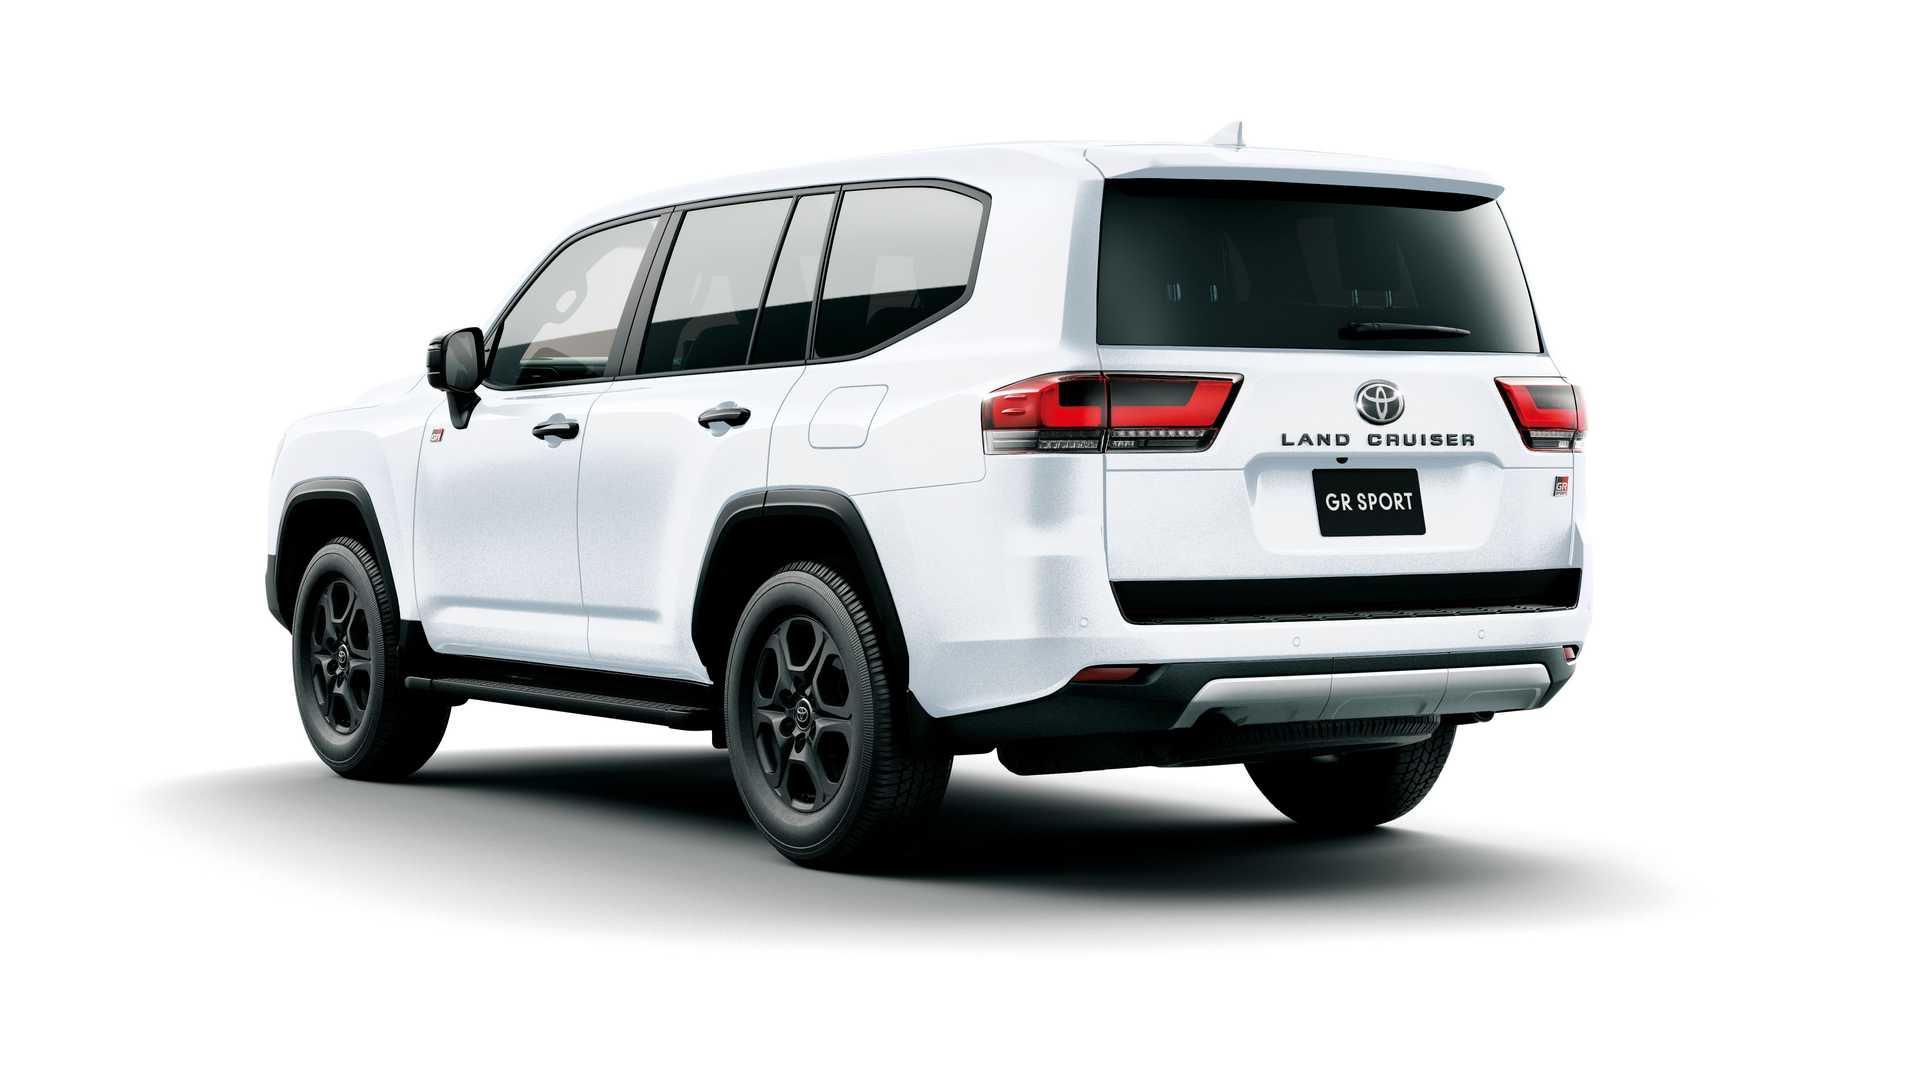 El Toyota Land Cruiser GR Sport se sitúa en lo alto de la gama